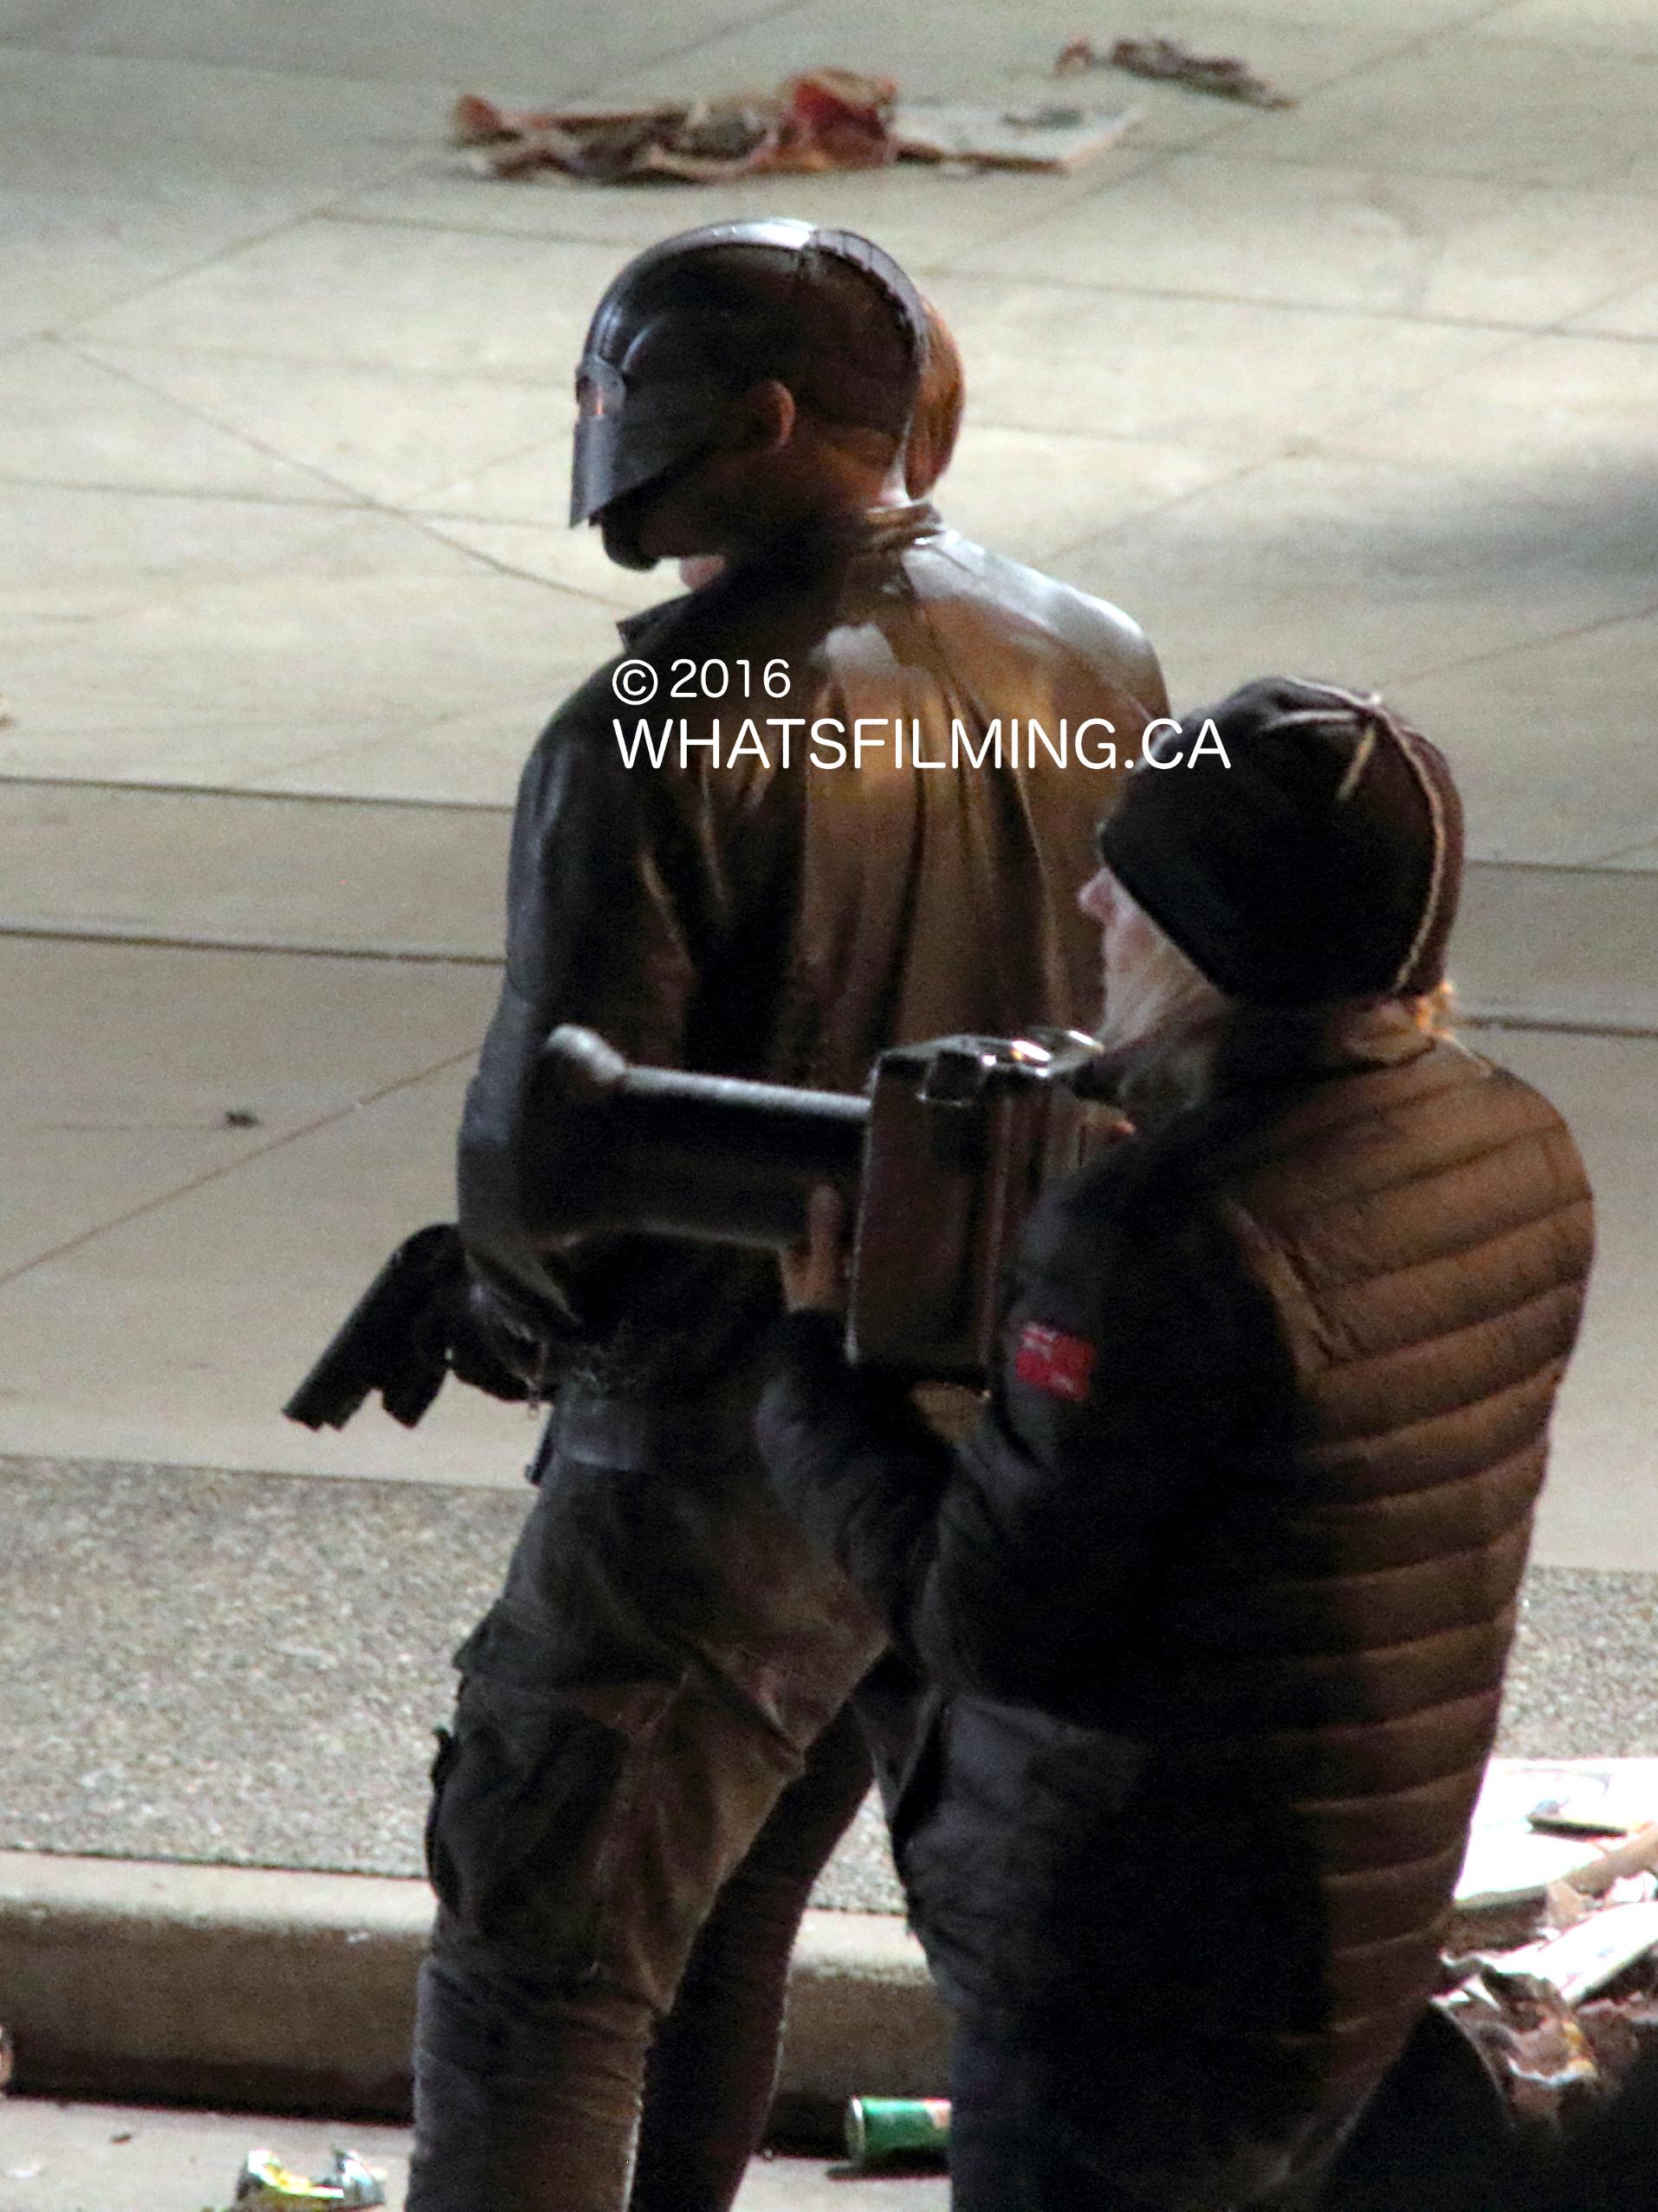 Arrow Season 4 Finale Filming